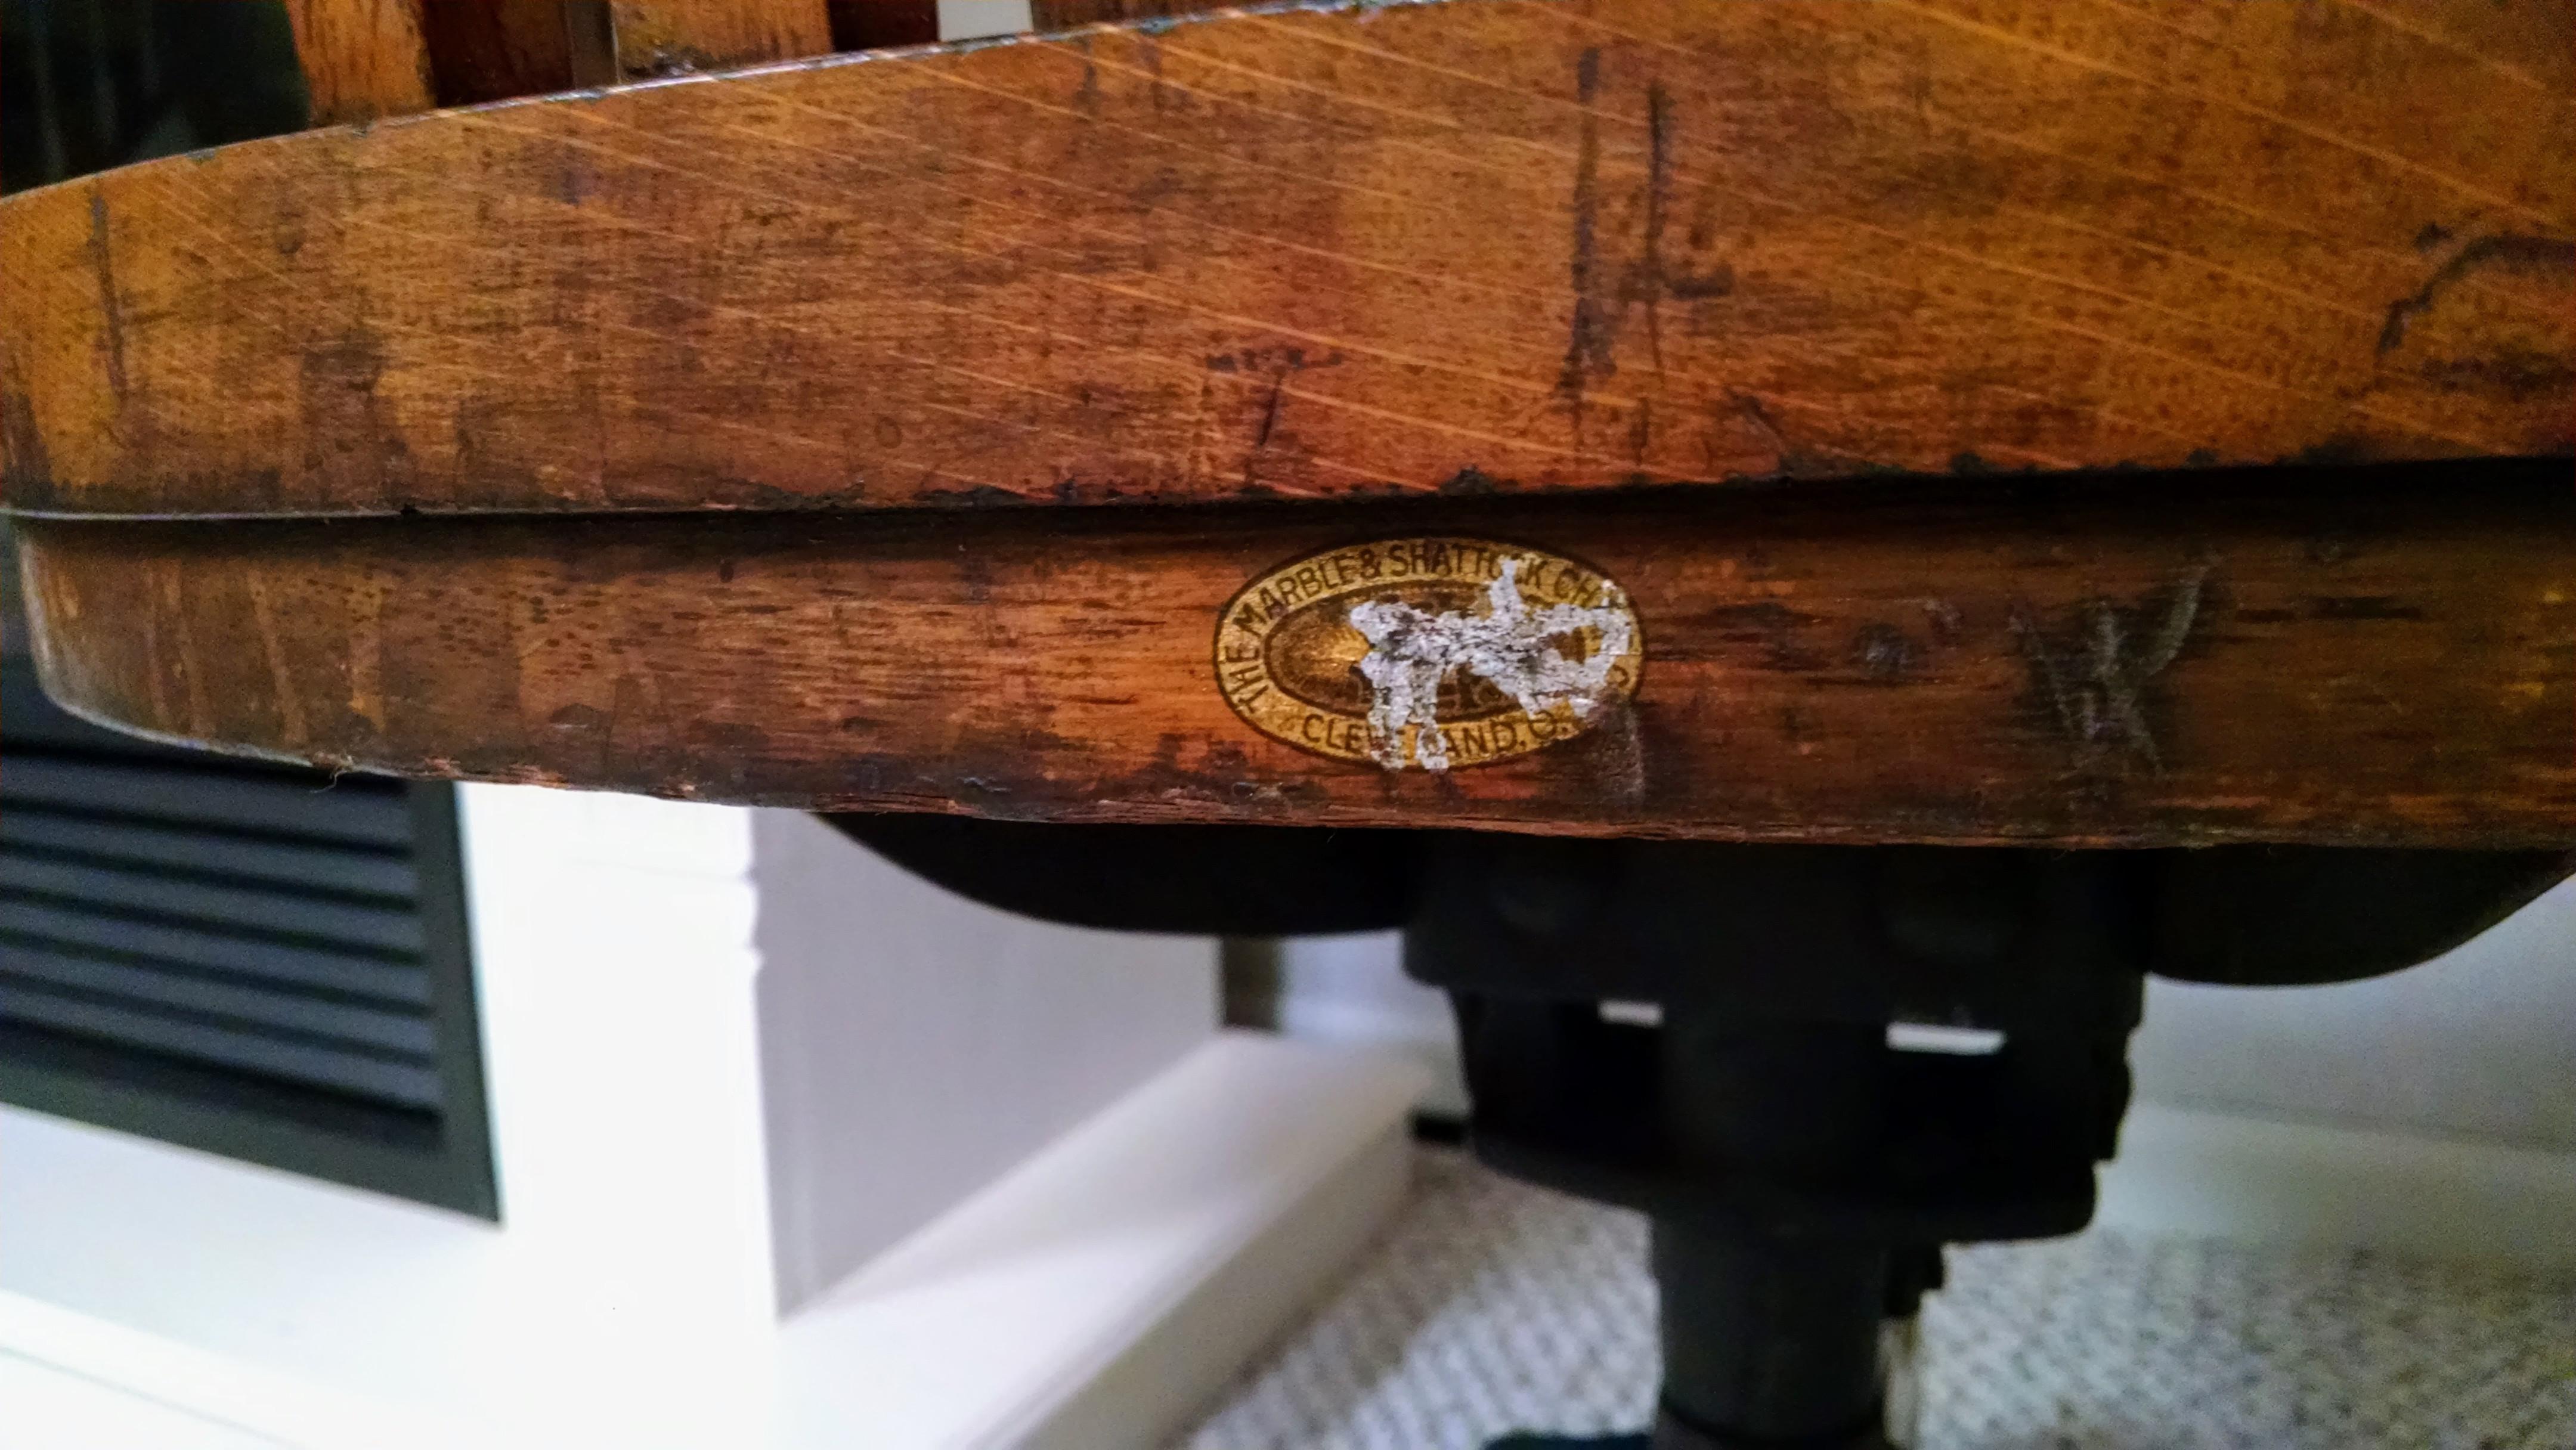 Marble U0026 Shattuck Oak Barrel Back Swivel Chair   Image 6 ...